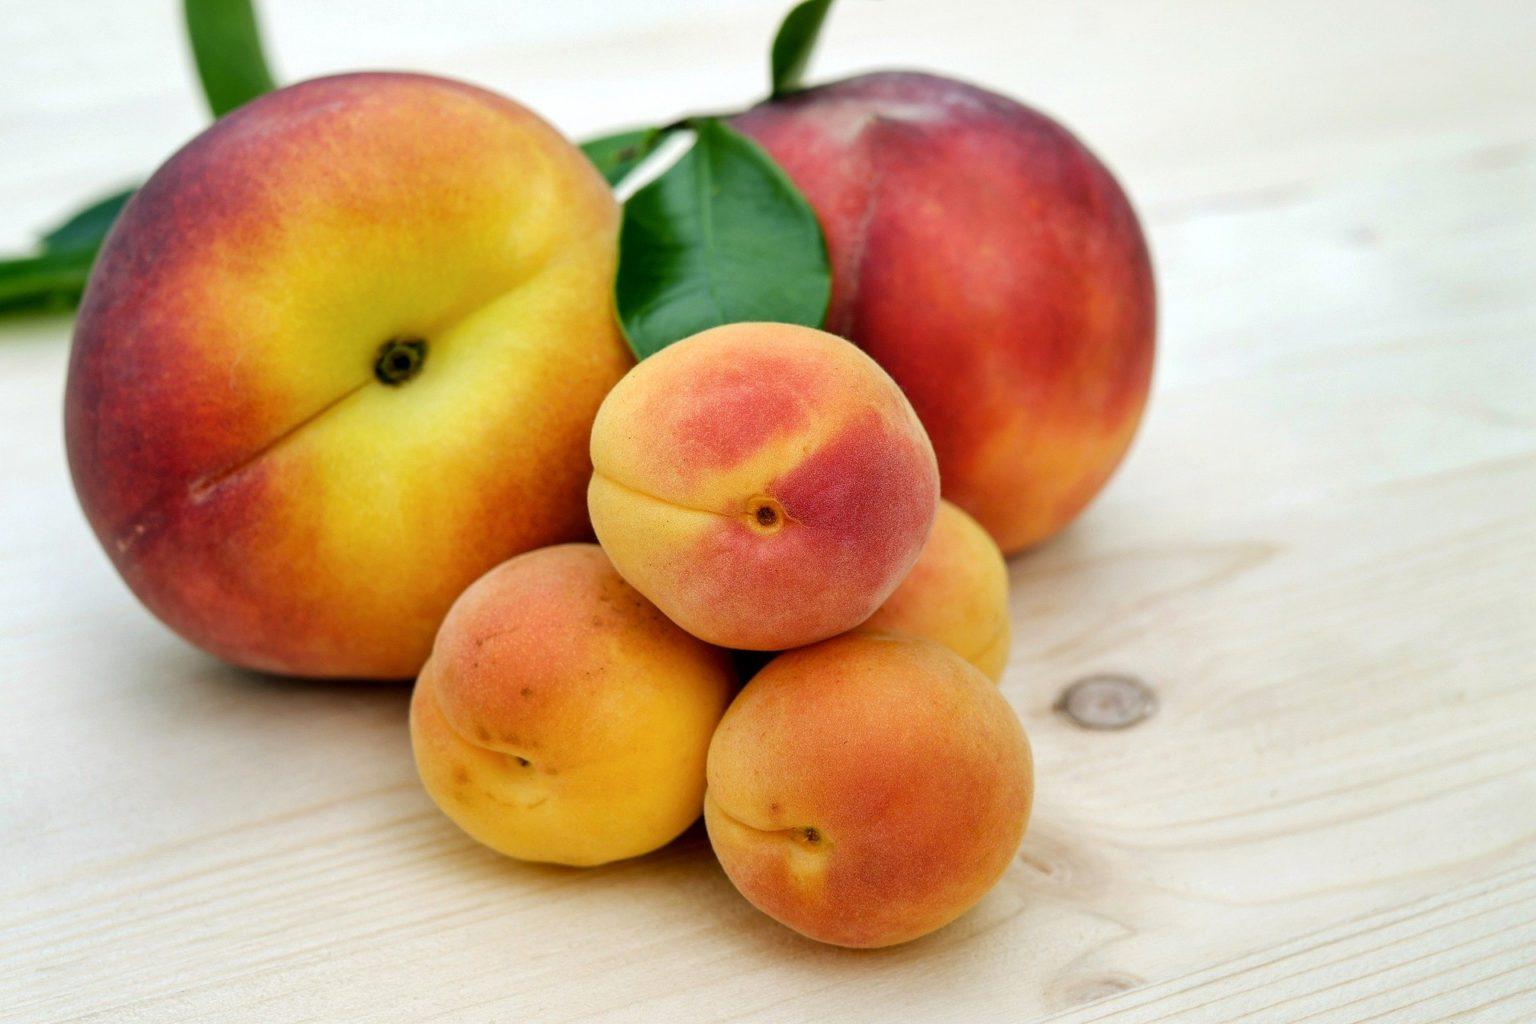 El tratamiento postcosecha ecológico para fruta de hueso SANI-FH L consigue la certificación sin residuos de ZERYA.